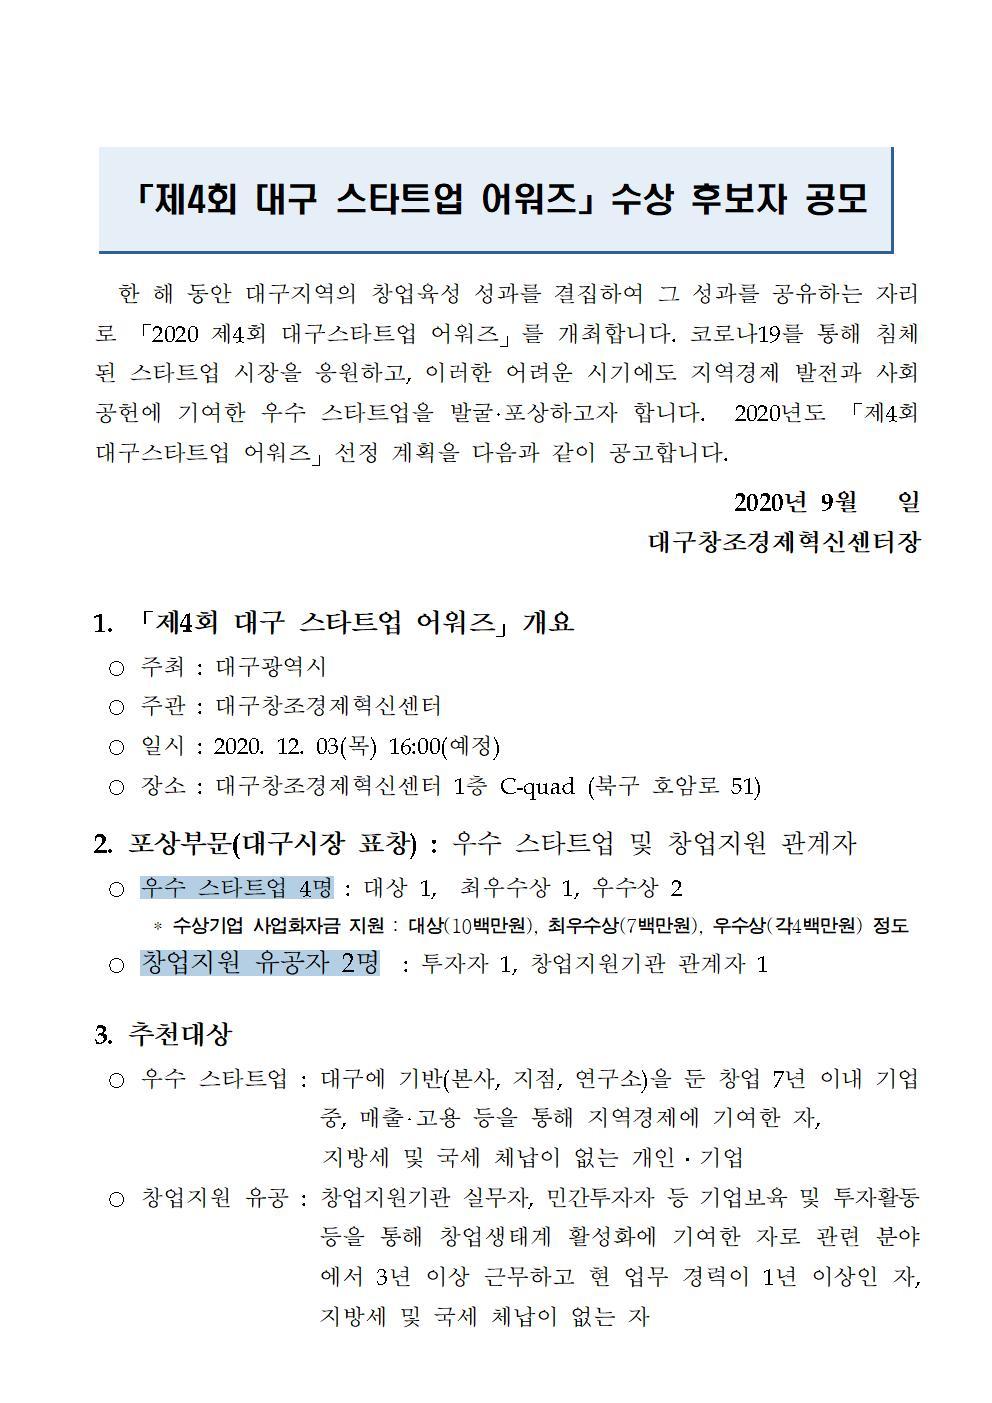 붙임1_[공고문] 2020 제4회 대구스타트업 어워즈 수상 후보자 공모001.jpg